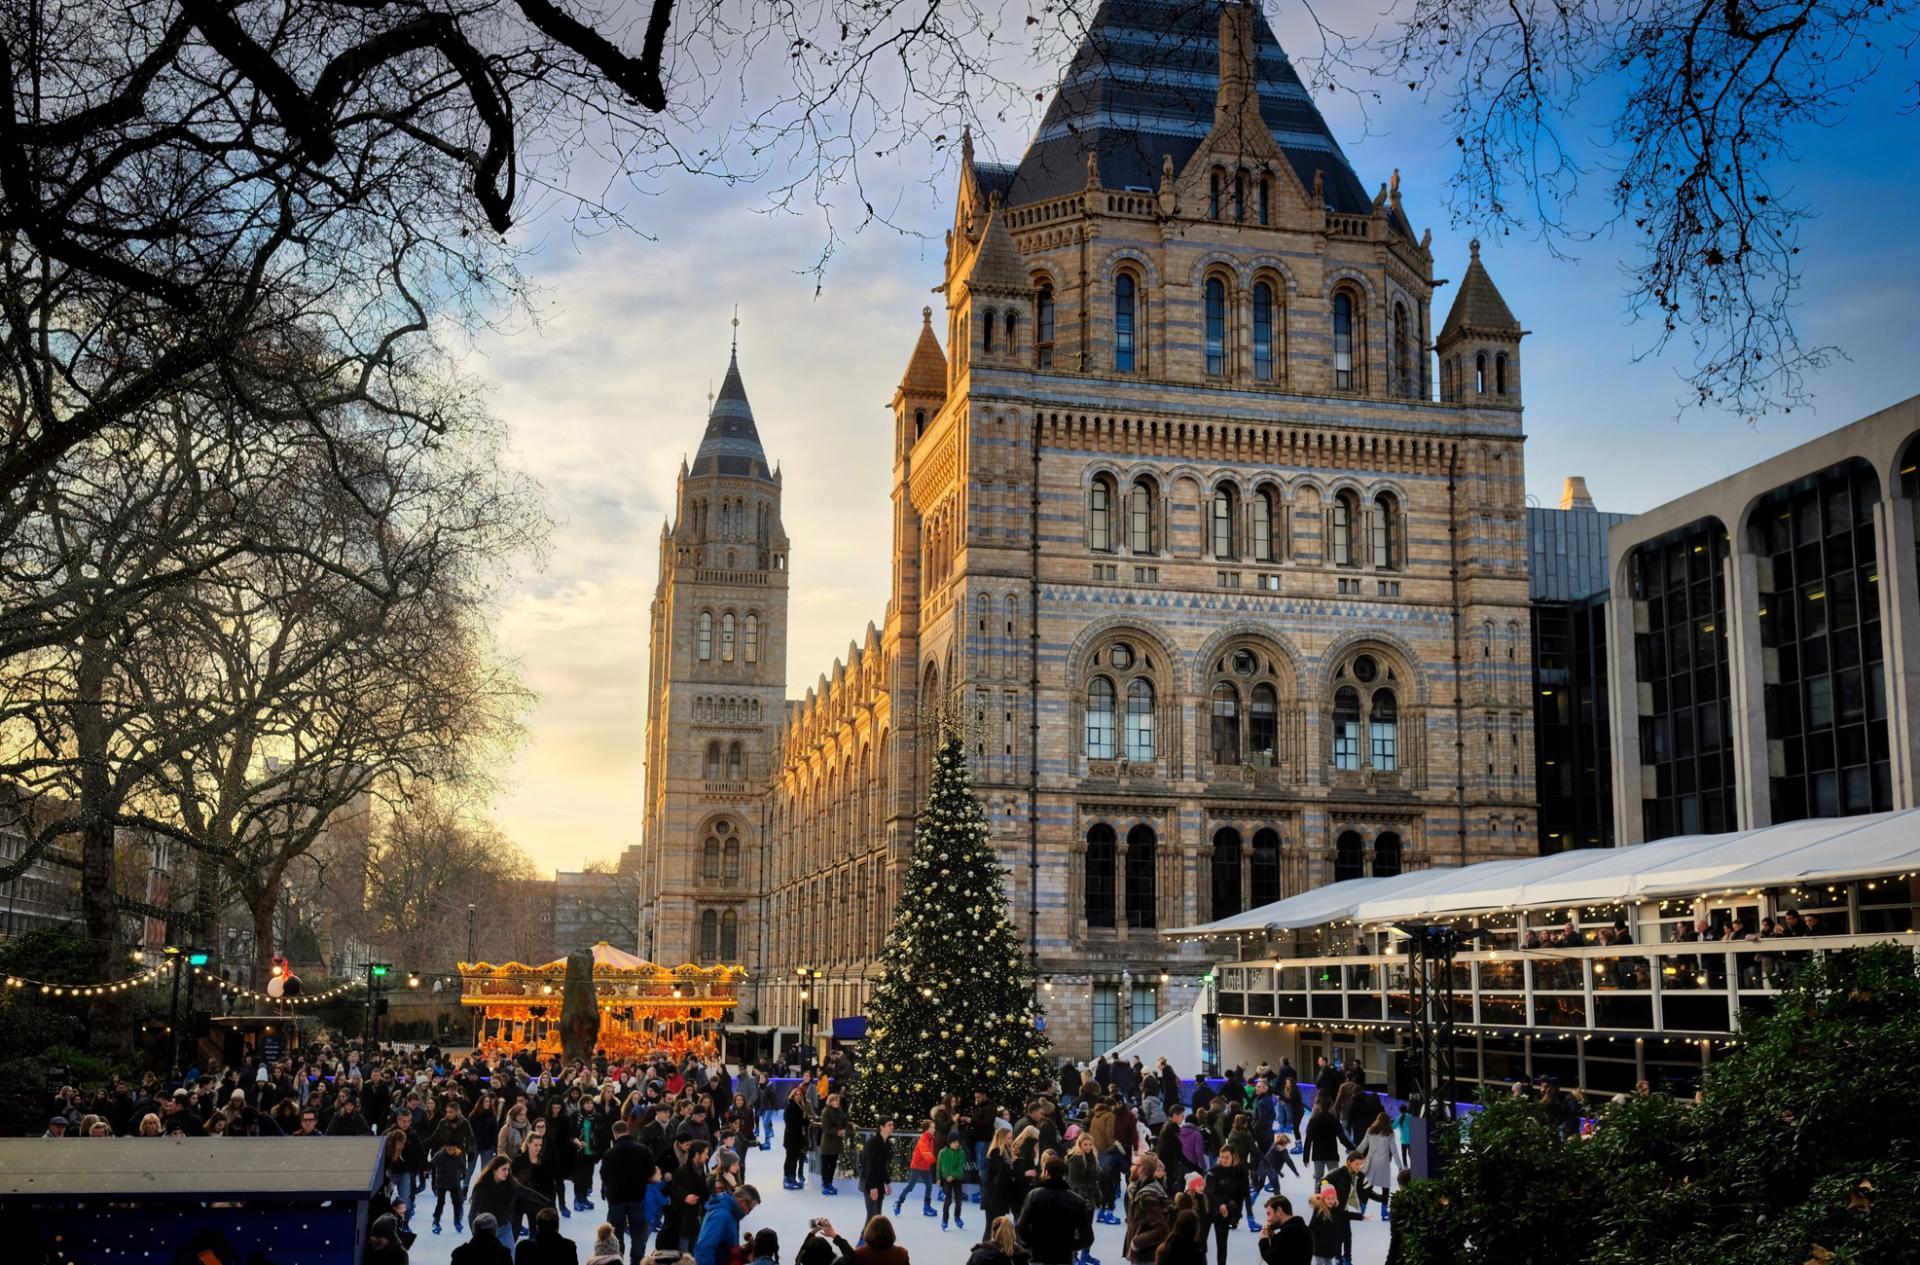 Pista de hielo en Londres en Navidad